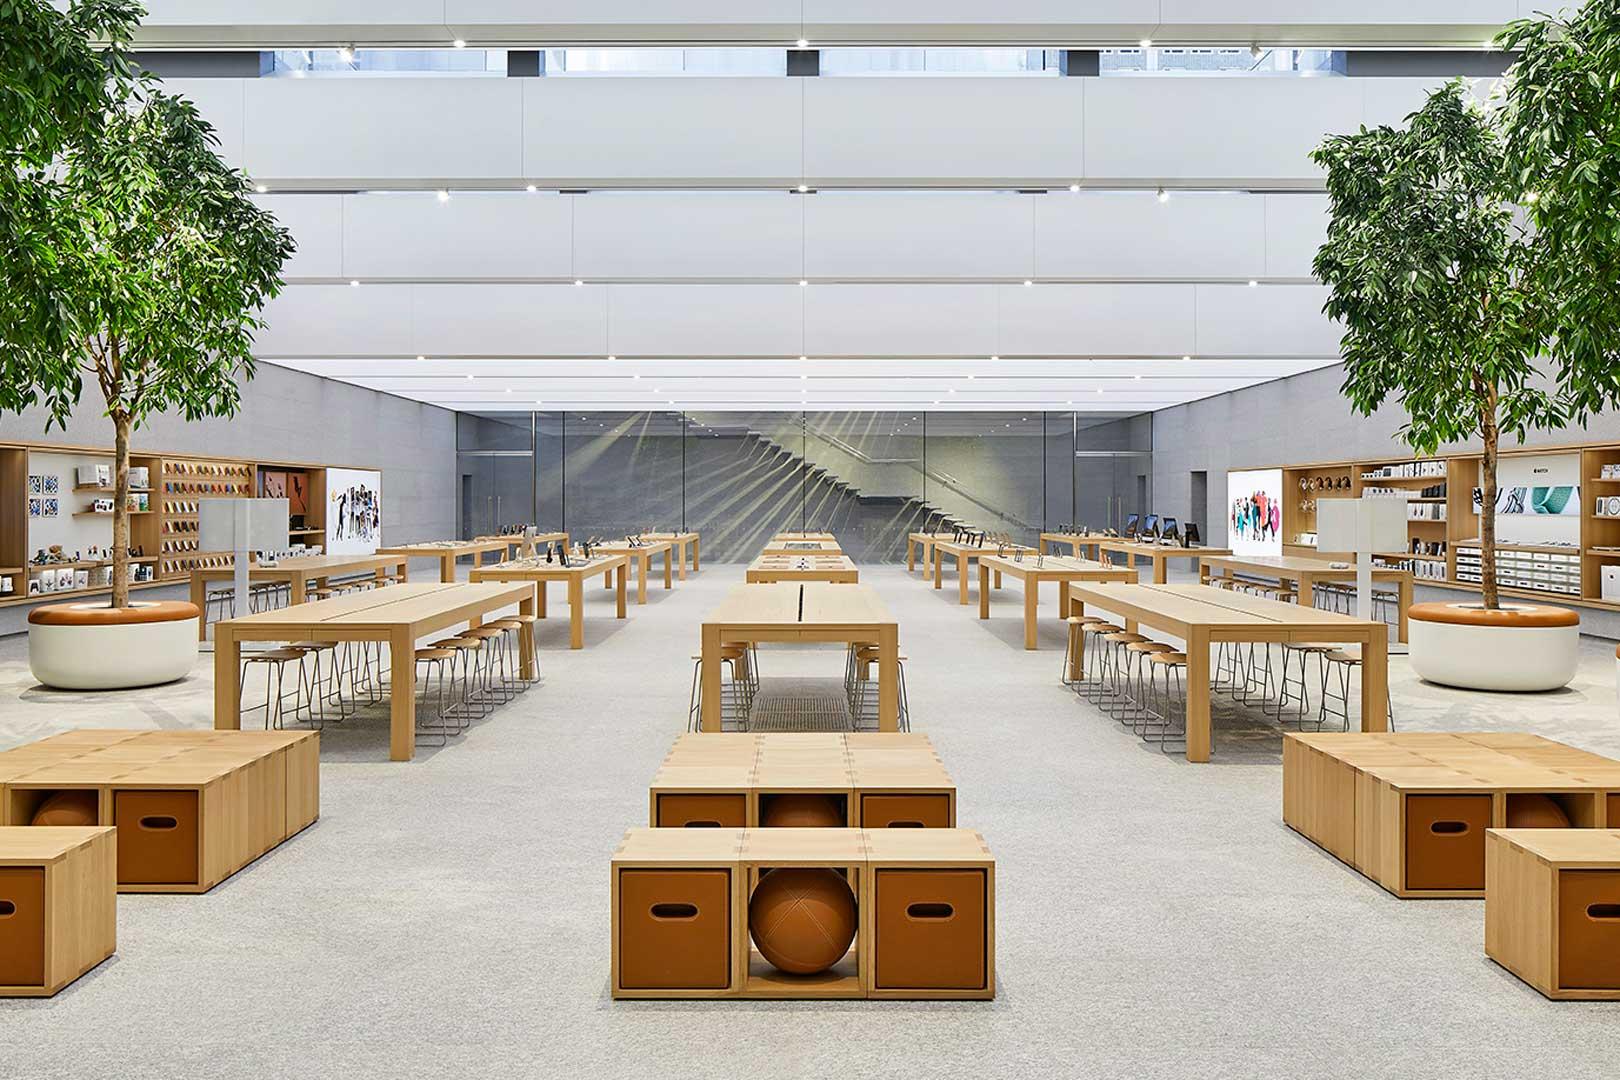 apple store - Uno sguardo ai negozi del futuro